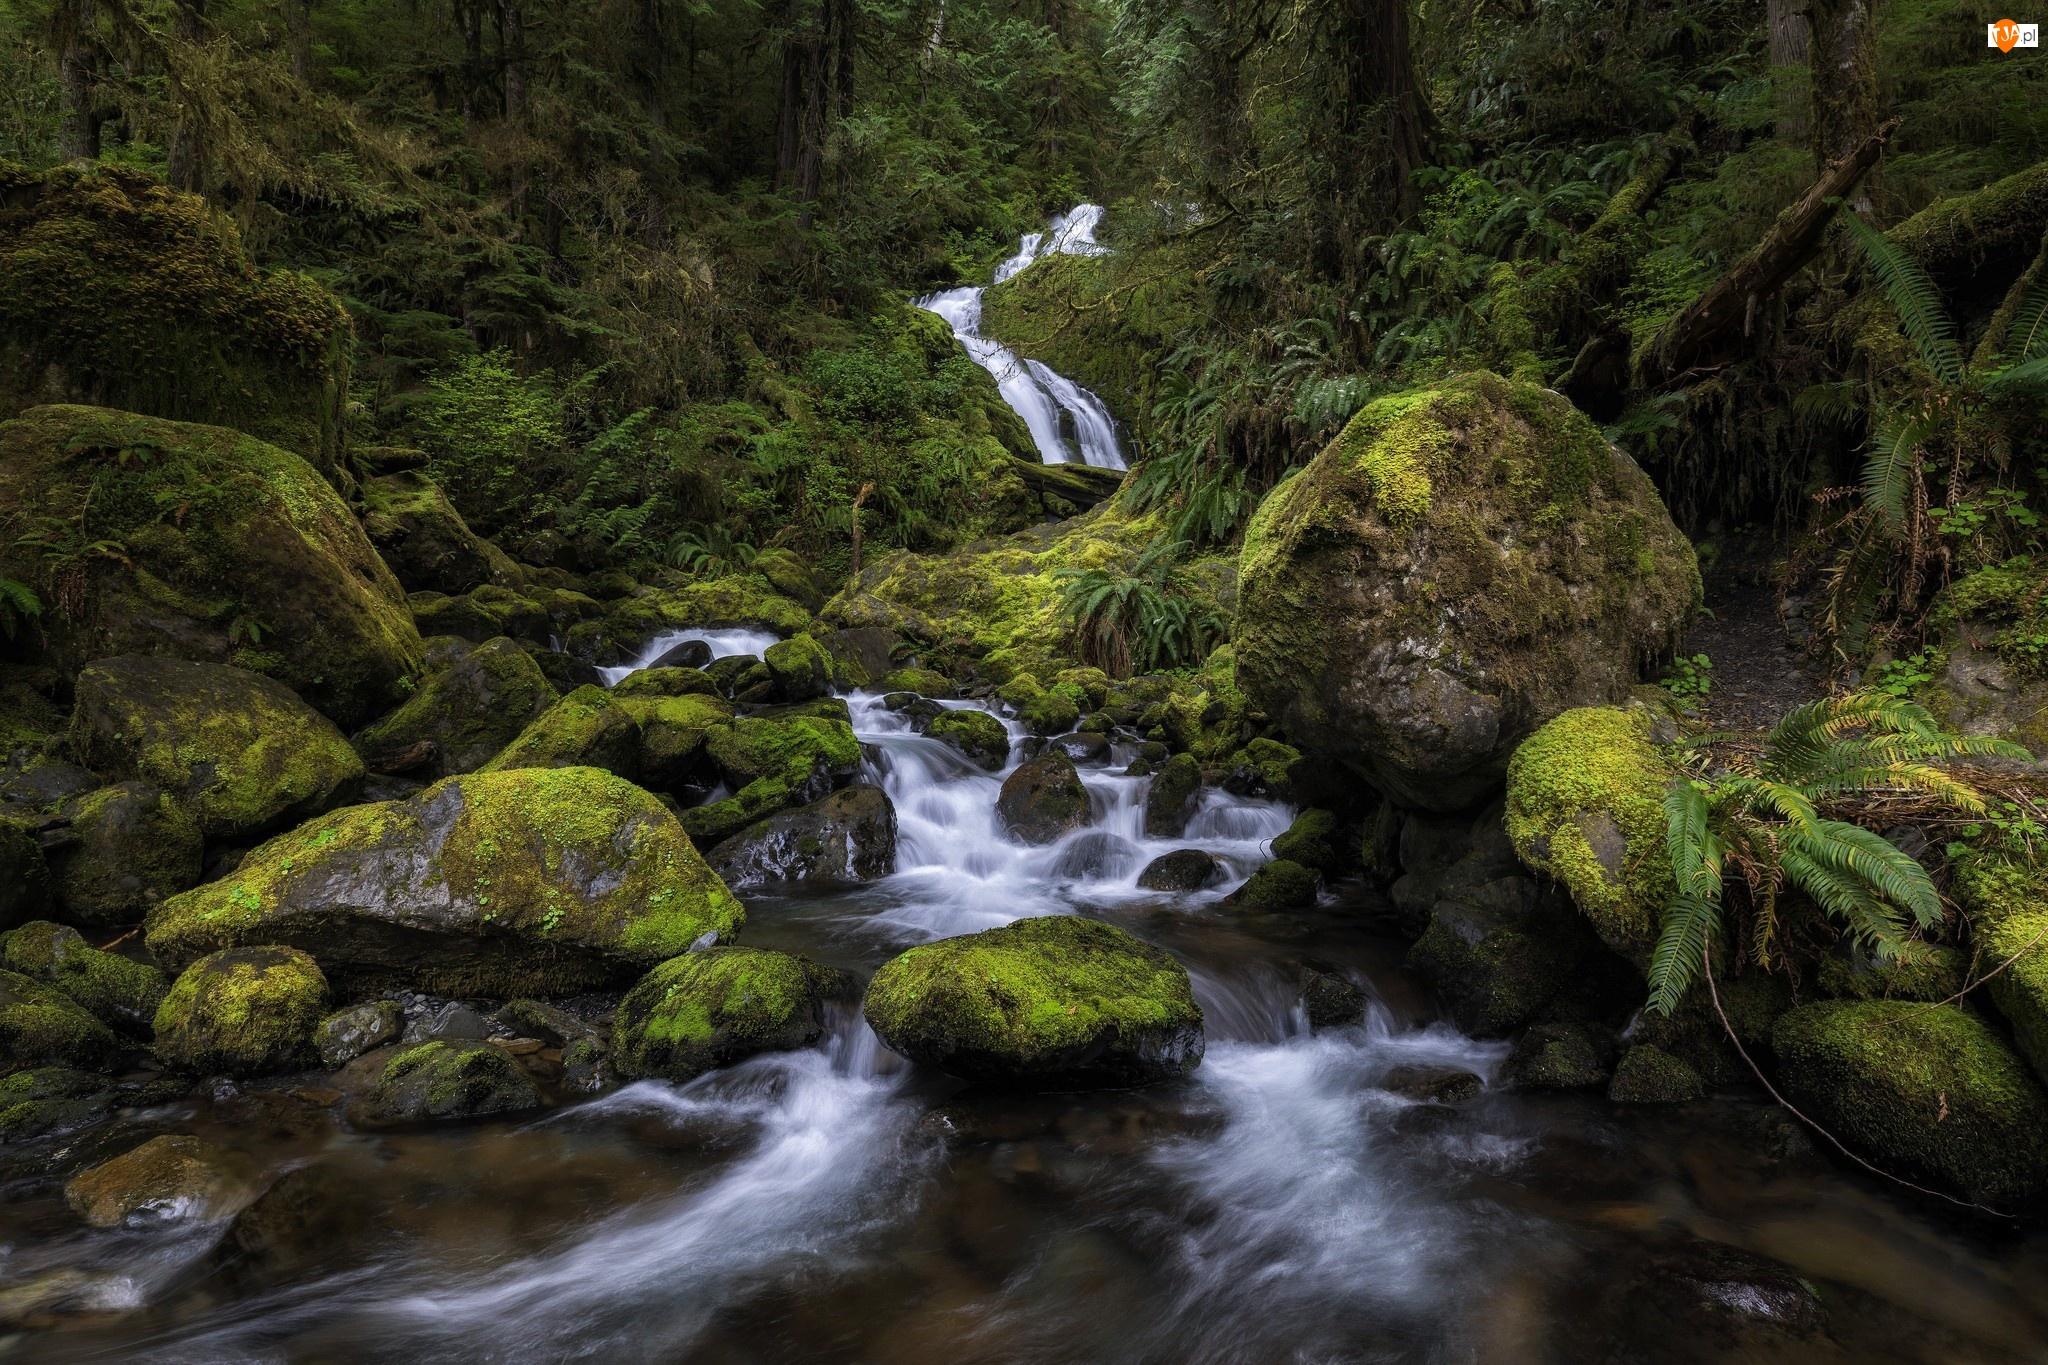 Rośliny, Wodospad Bunch Falls, Drzewa, Kamienie, Mech, Park Narodowy Olympic, Stan Waszyngton, Rzeka, Stany Zjednoczone